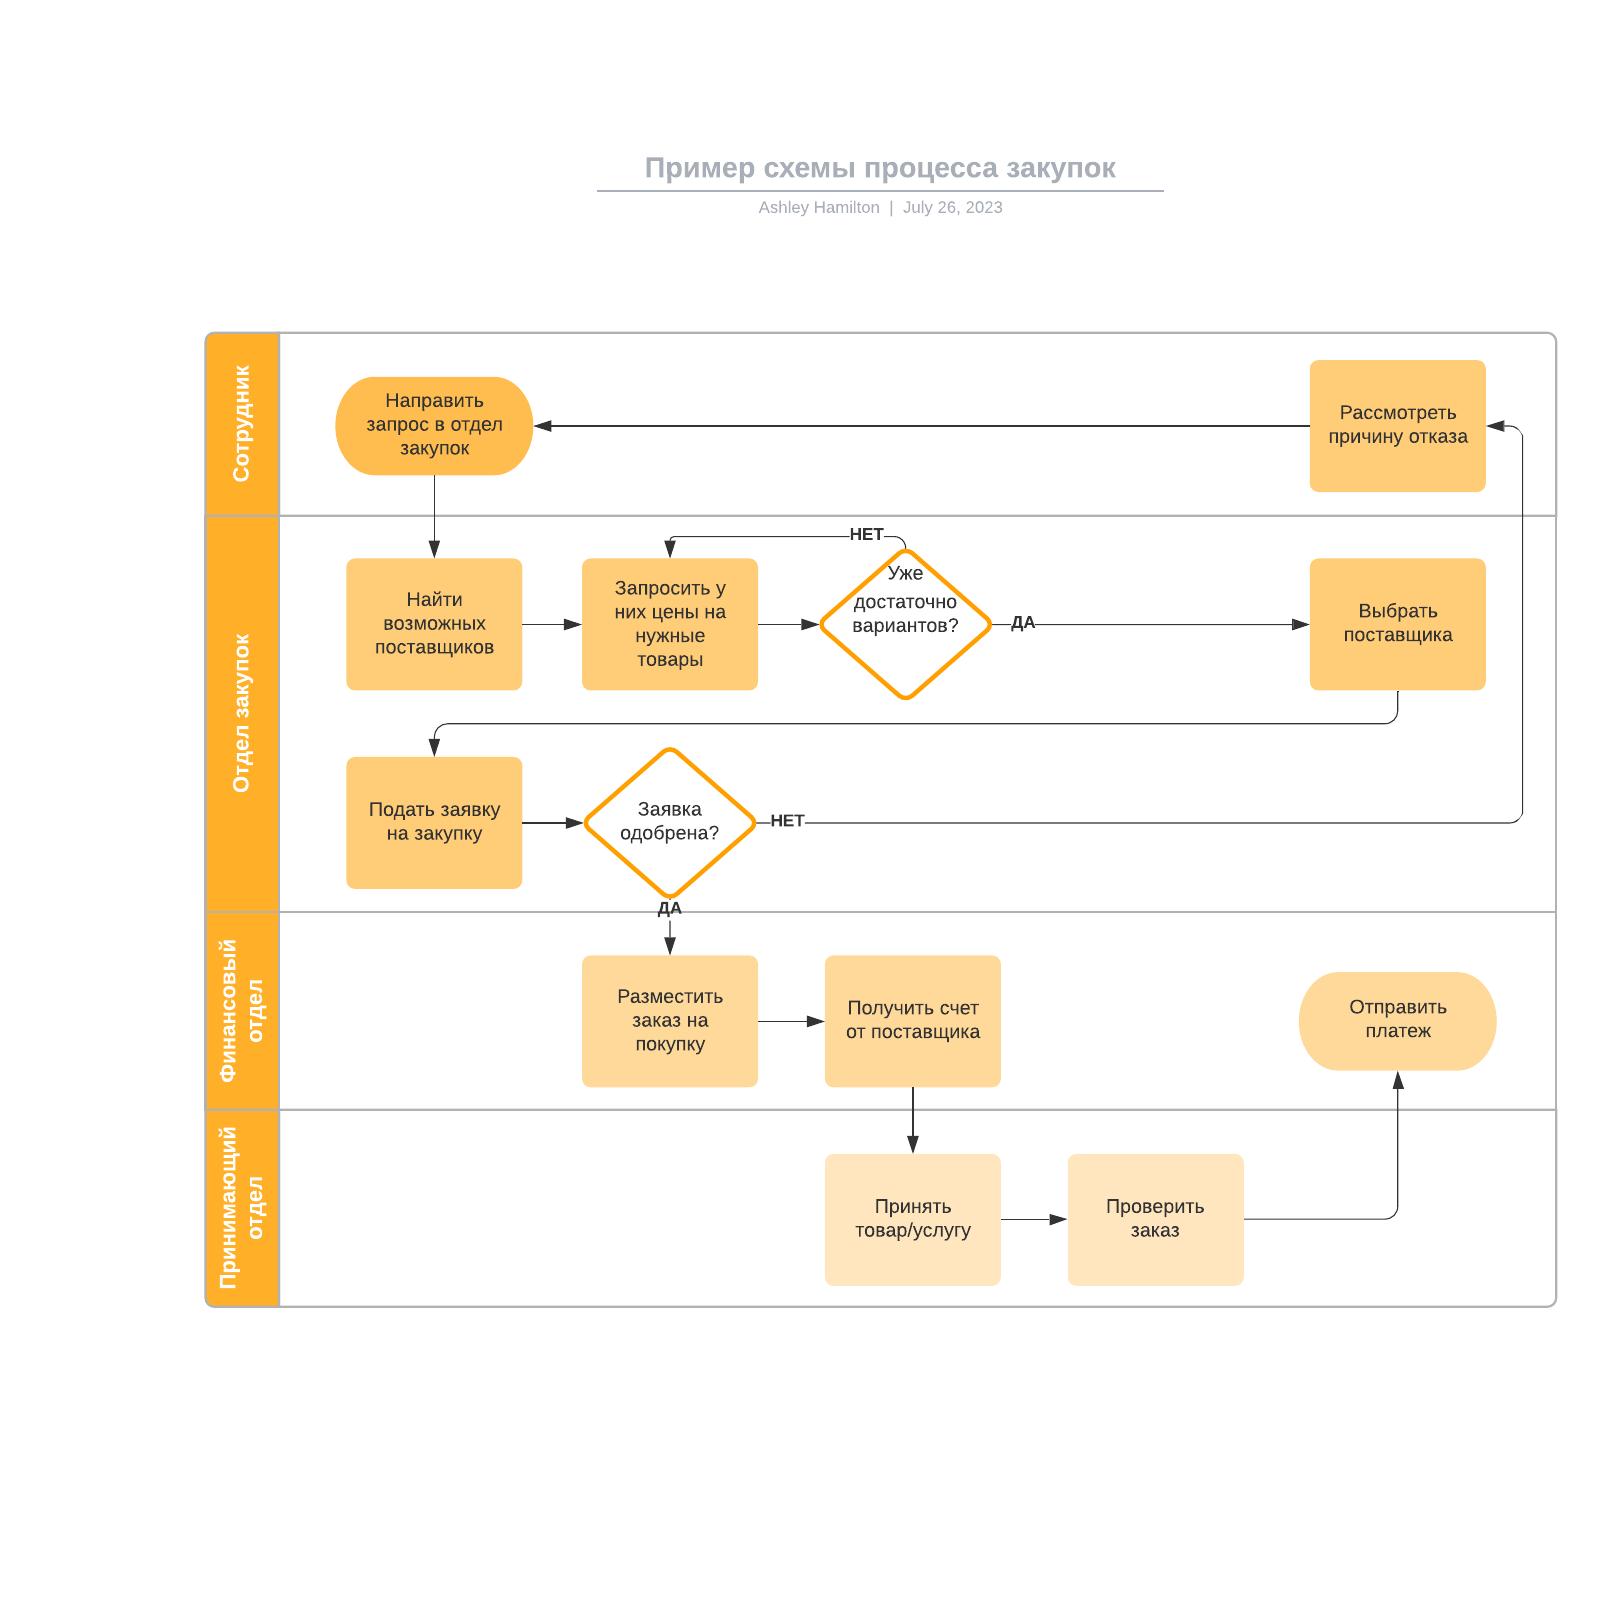 Пример схемы процесса закупок